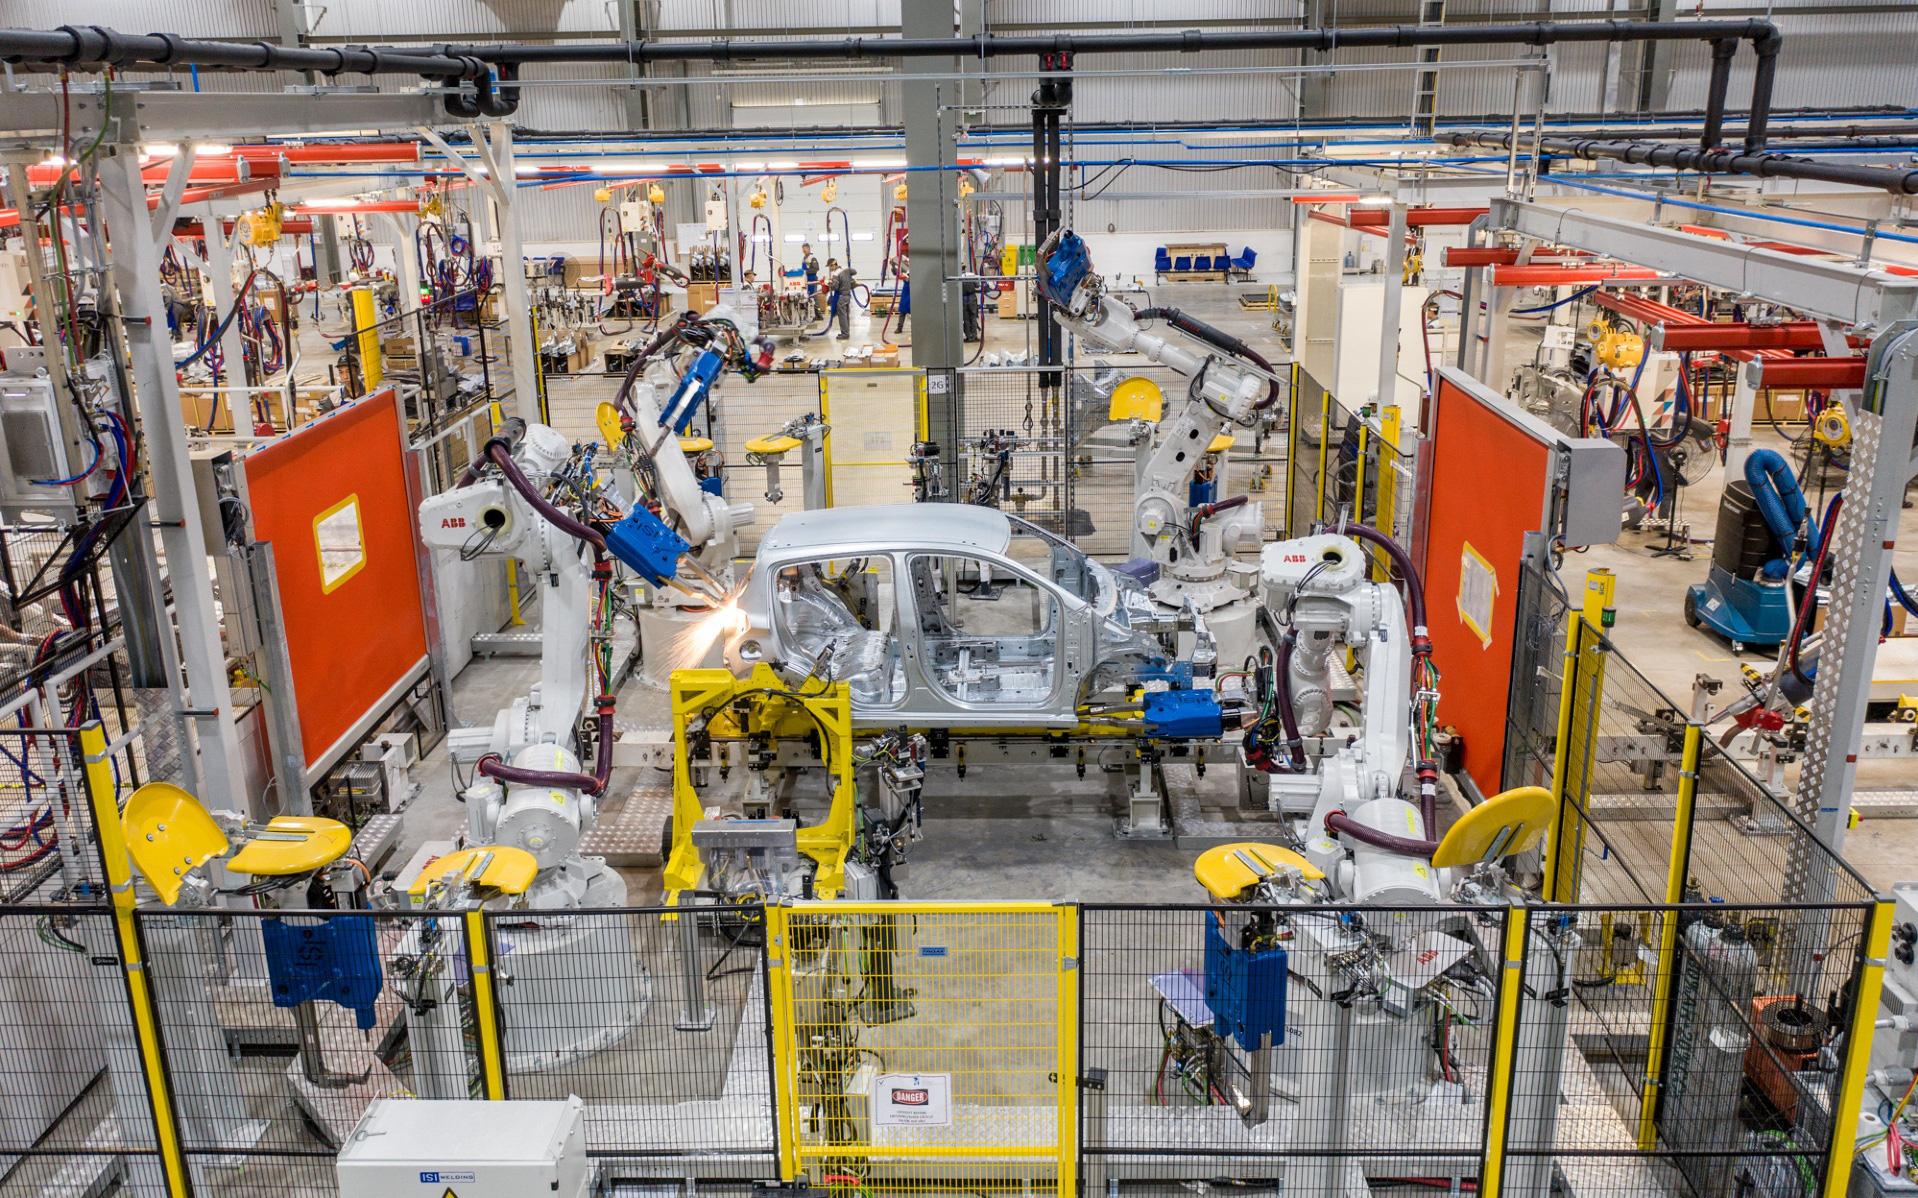 Đại sứ Indonesia tại Việt Nam: VinFast có thể là bài học cho ngành công nghiệp ô tô Indonesia